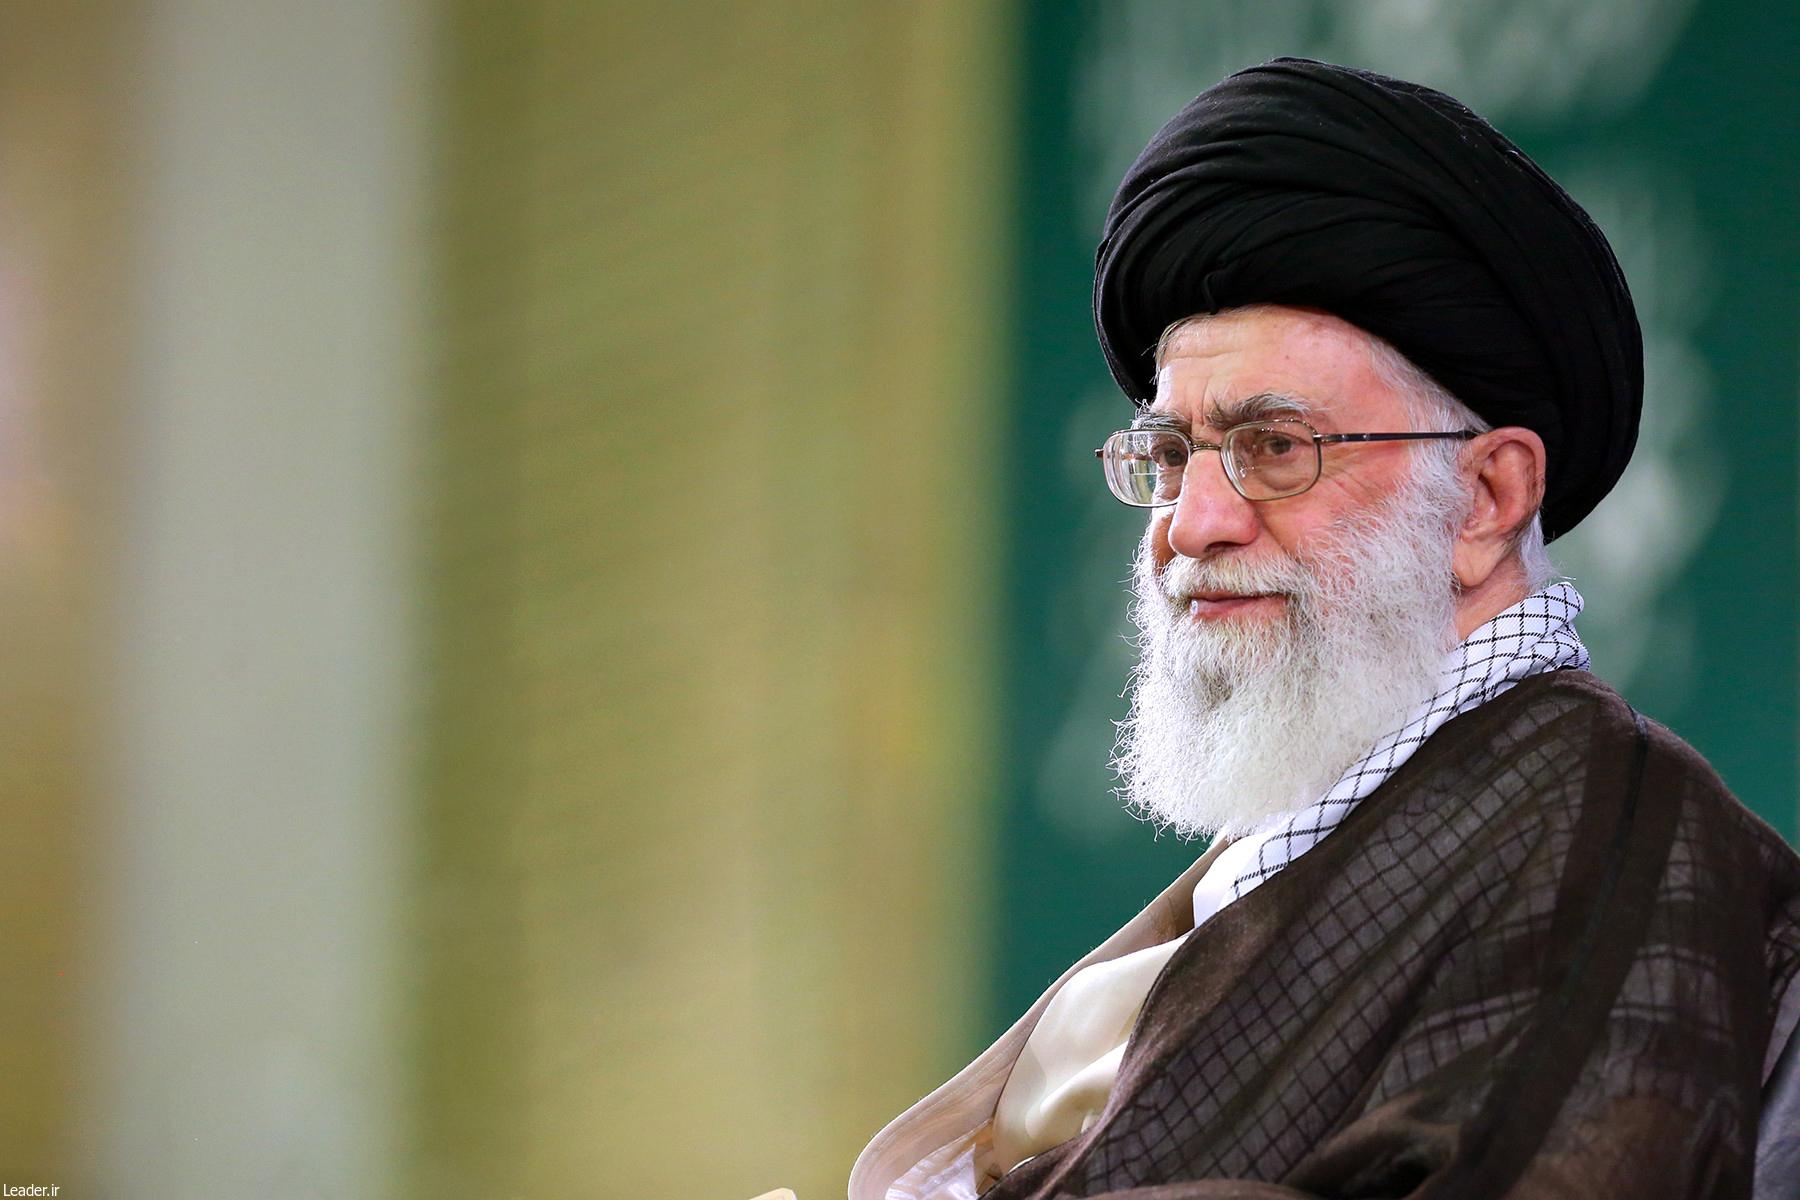 پاسخ رهبر انقلاب به نامه سردار سرلشکر حاج قاسم سلیمانی